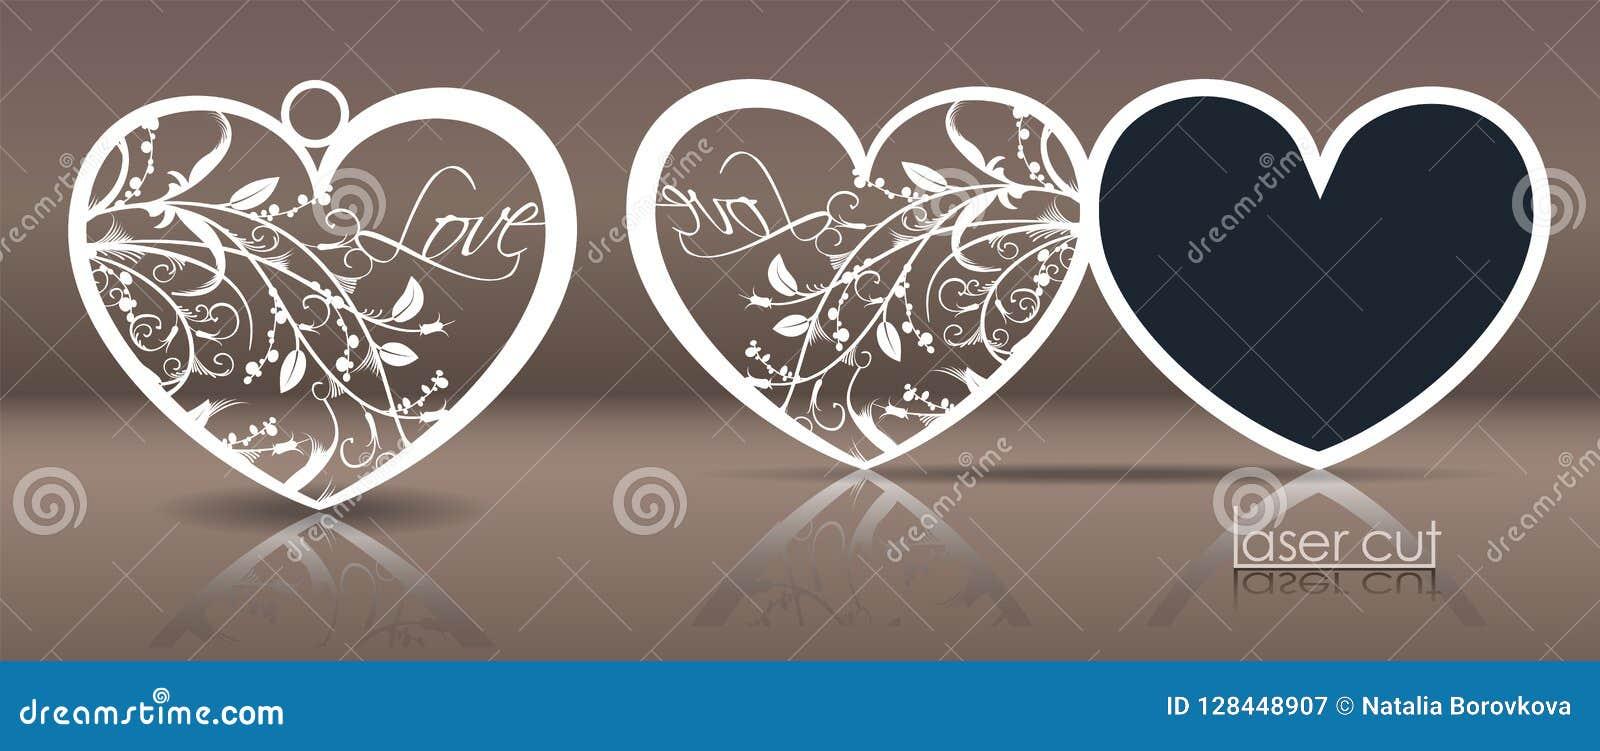 Lasermalplaatje voor vakantiekaarten, uitnodigingen en hoefijzervormige voering met een knipsel van gestileerde bloemenelementen